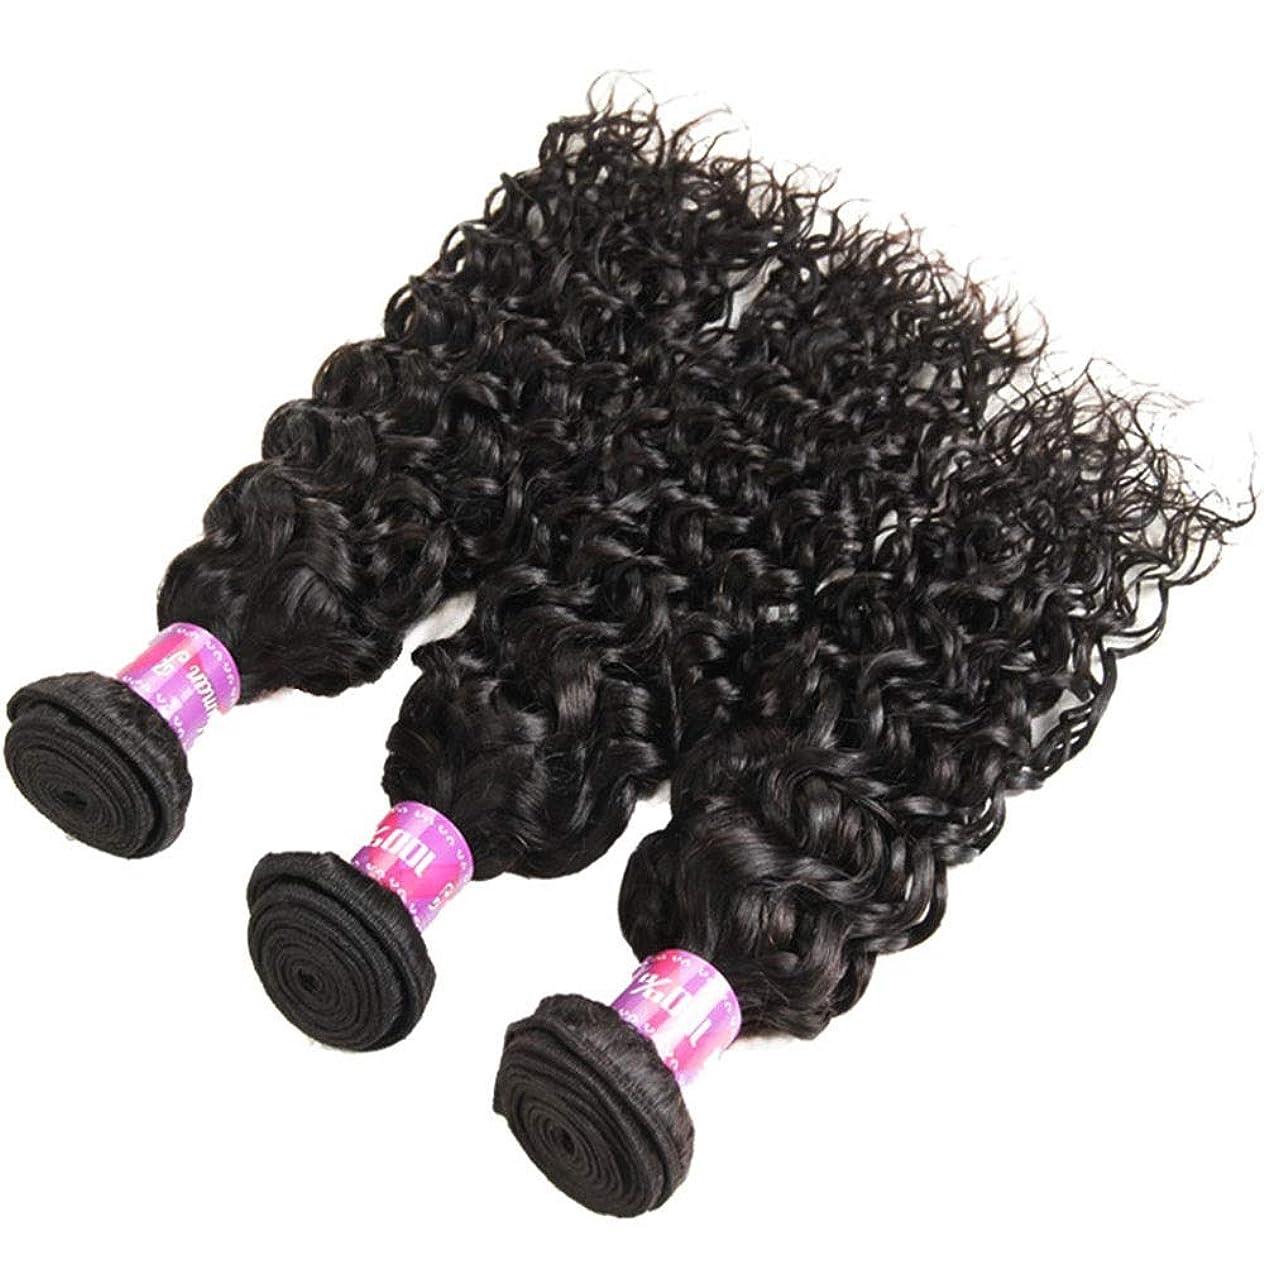 一元化する平日サンダルYrattary 人間の髪の毛の束ブラジルの髪の束水の波髪織りバンドルエクステンションカーリーヘアバンドルナチュラルカラー12インチ26インチ女性の合成かつらレースかつらロールプレイングかつら (色 : 黒, サイズ : 14 inch)